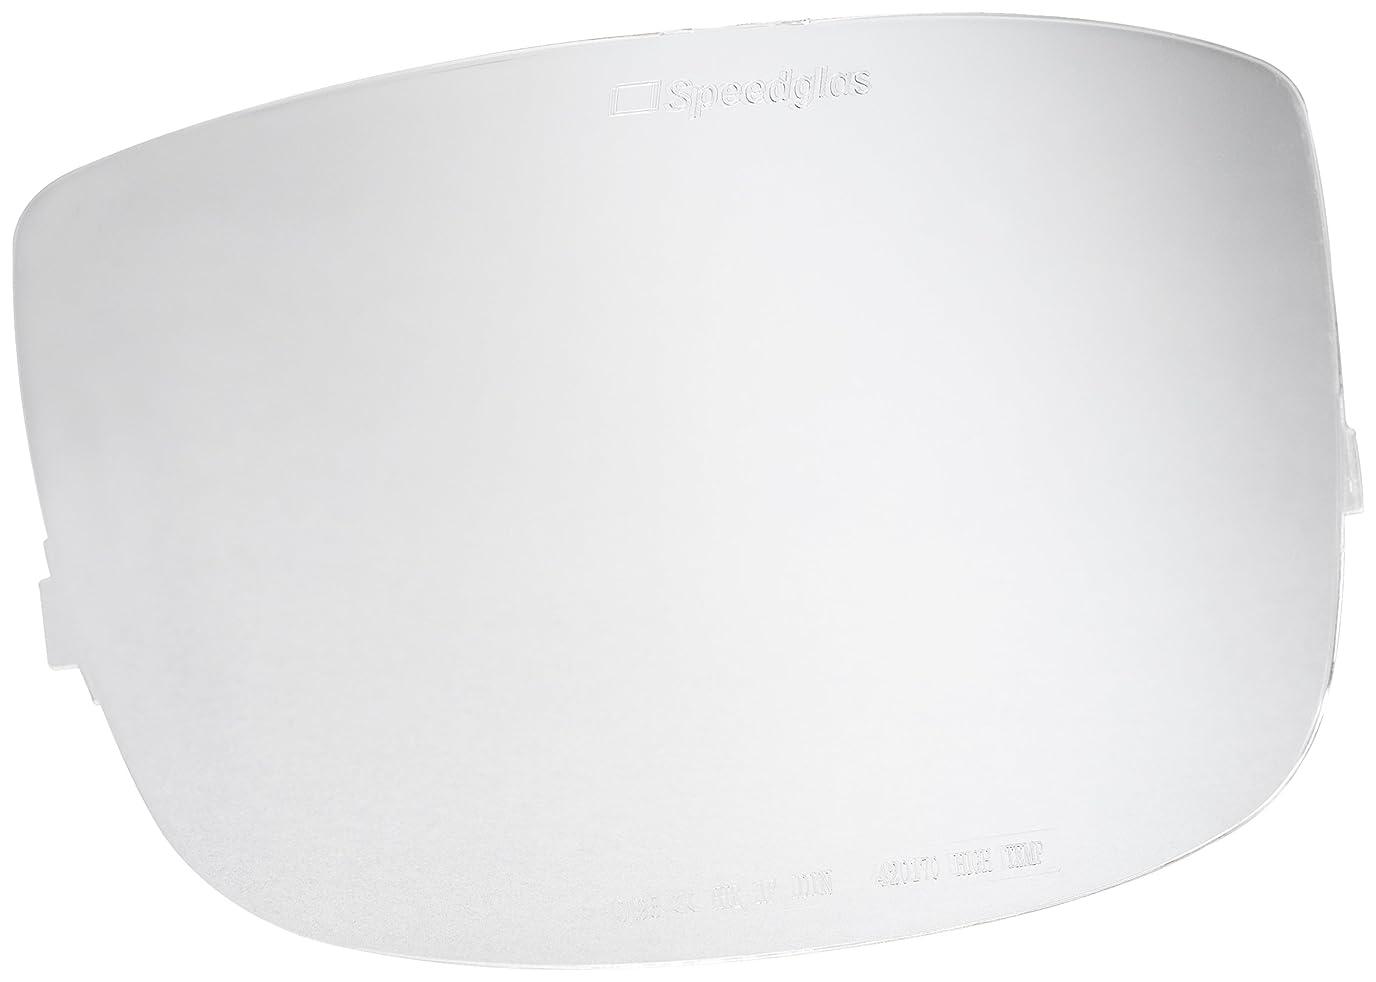 袋実証するアラーム3M Speedglas Welding Helmet Outside Protection Plate 9000, Welding Safety 04-0270-04 (Case of 5) by 3M Speedglas